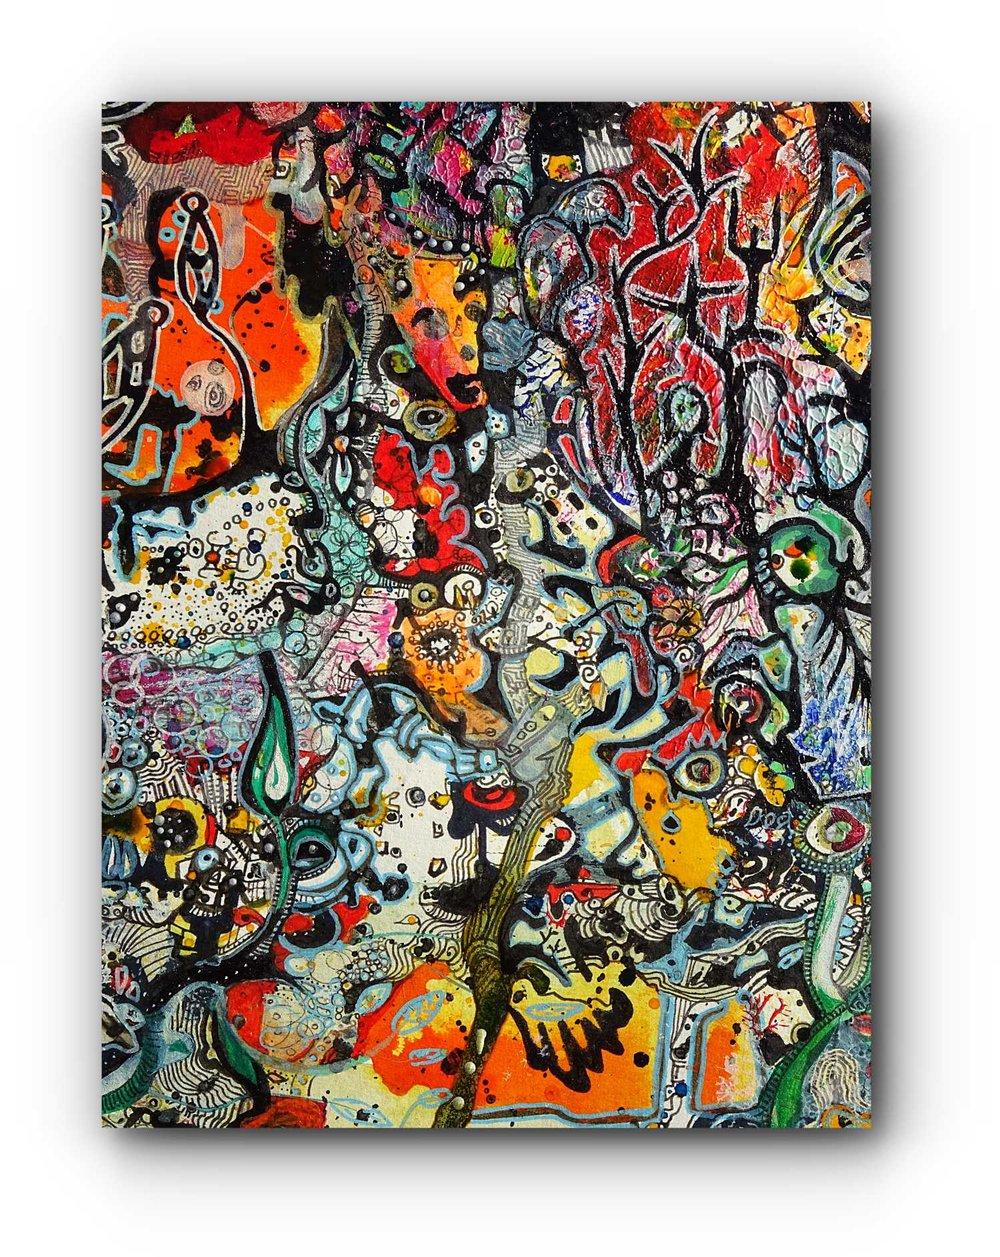 painting-detail-3-medeina-artist-duo-ingress-vortices.jpg